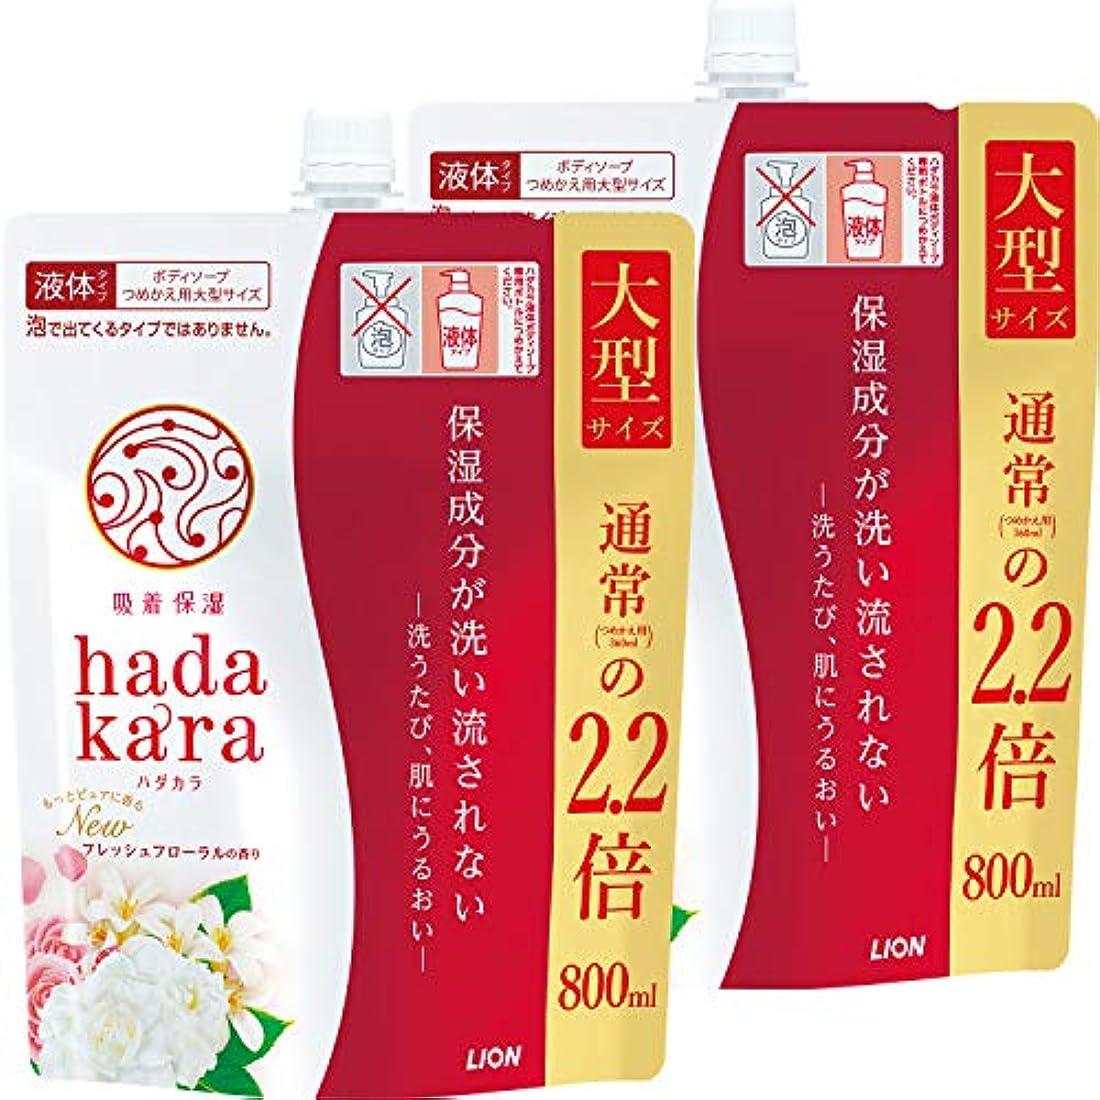 賛辞ばかげた講義hadakara(ハダカラ) ボディソープ フレッシュフローラルの香り つめかえ用大型サイズ 800ml×2個